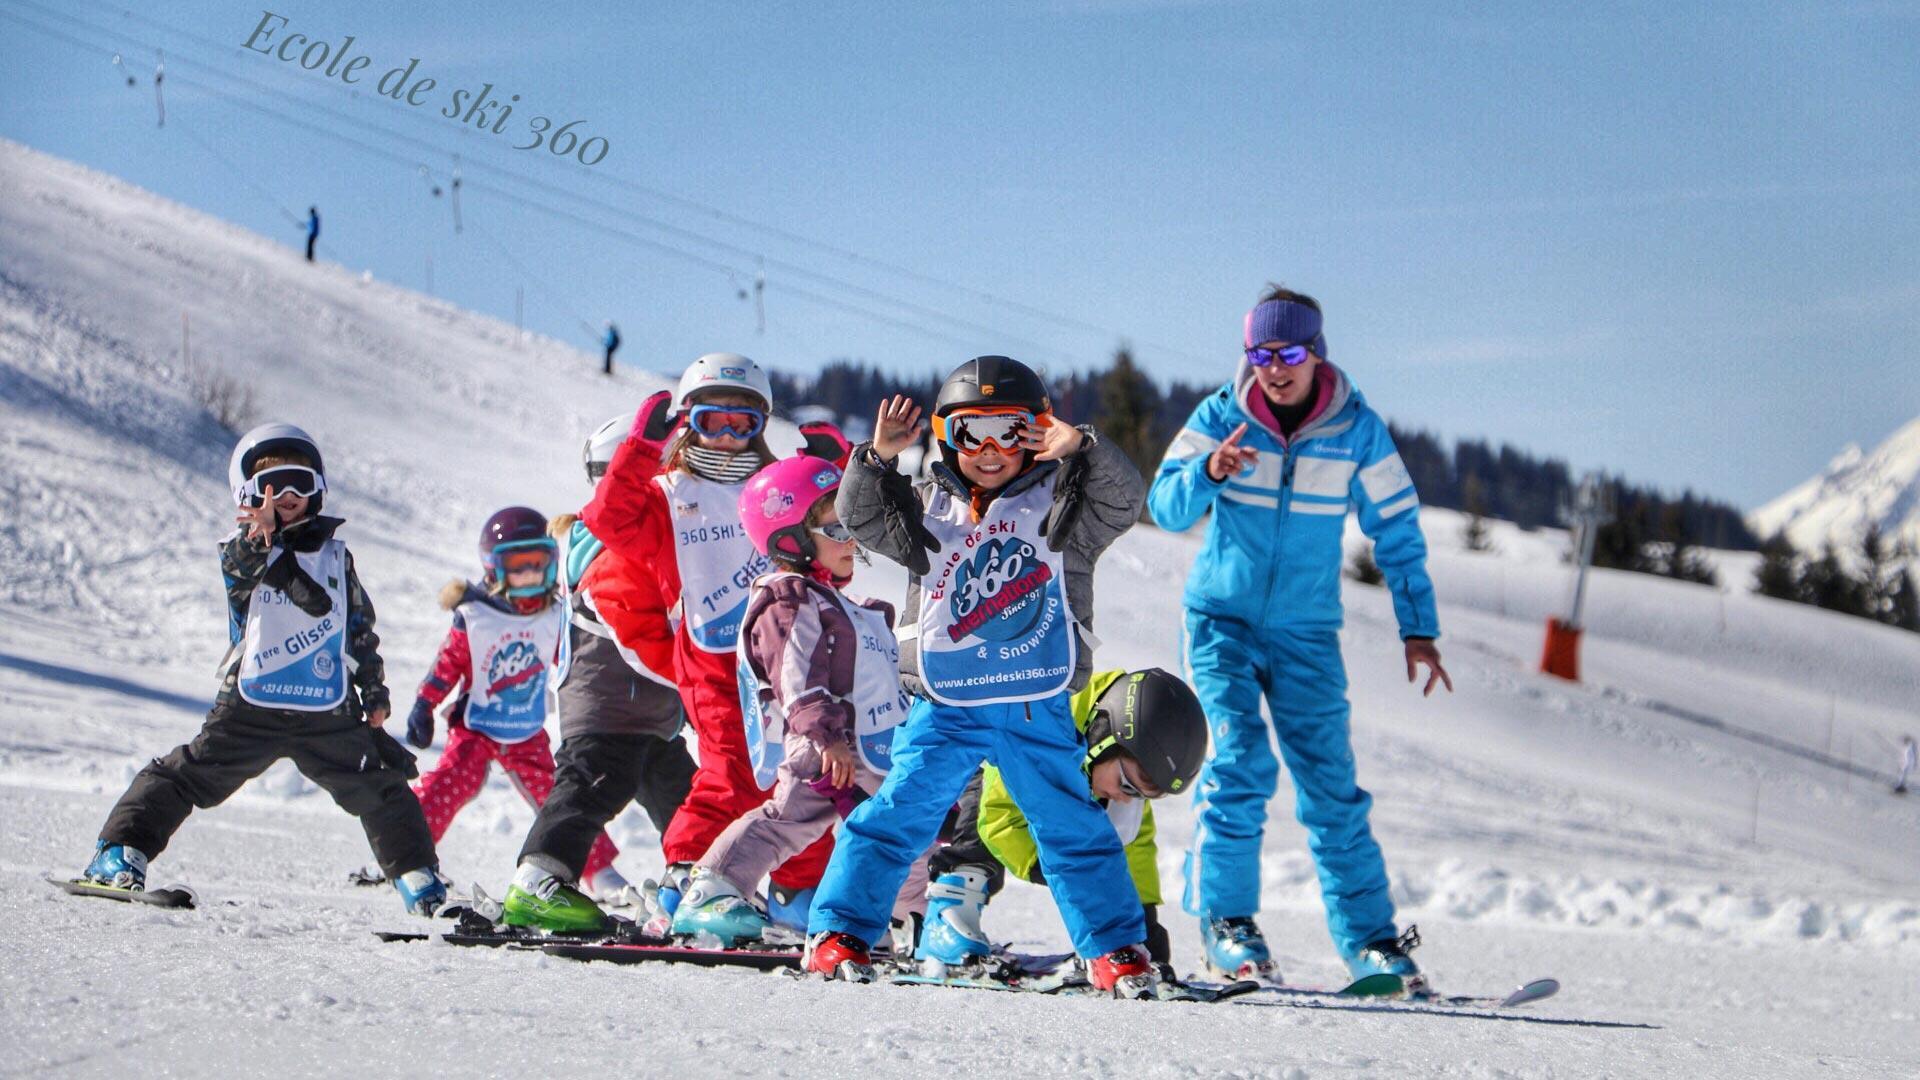 Cours de ski Enfants (4-13 ans) - Février - Après-midi